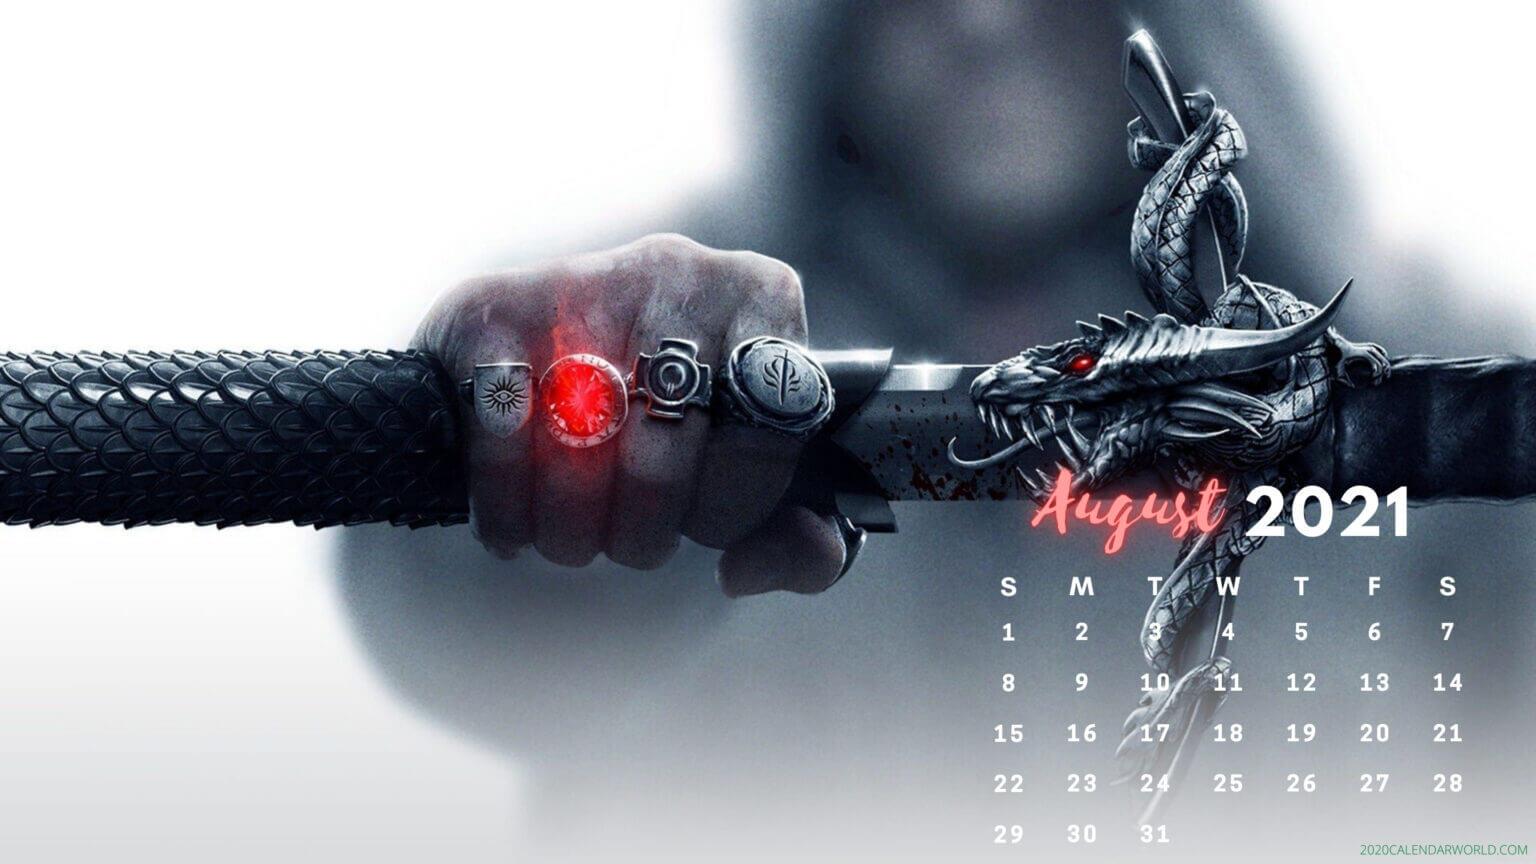 August 2021 Calendar Wallpaper for iPhone